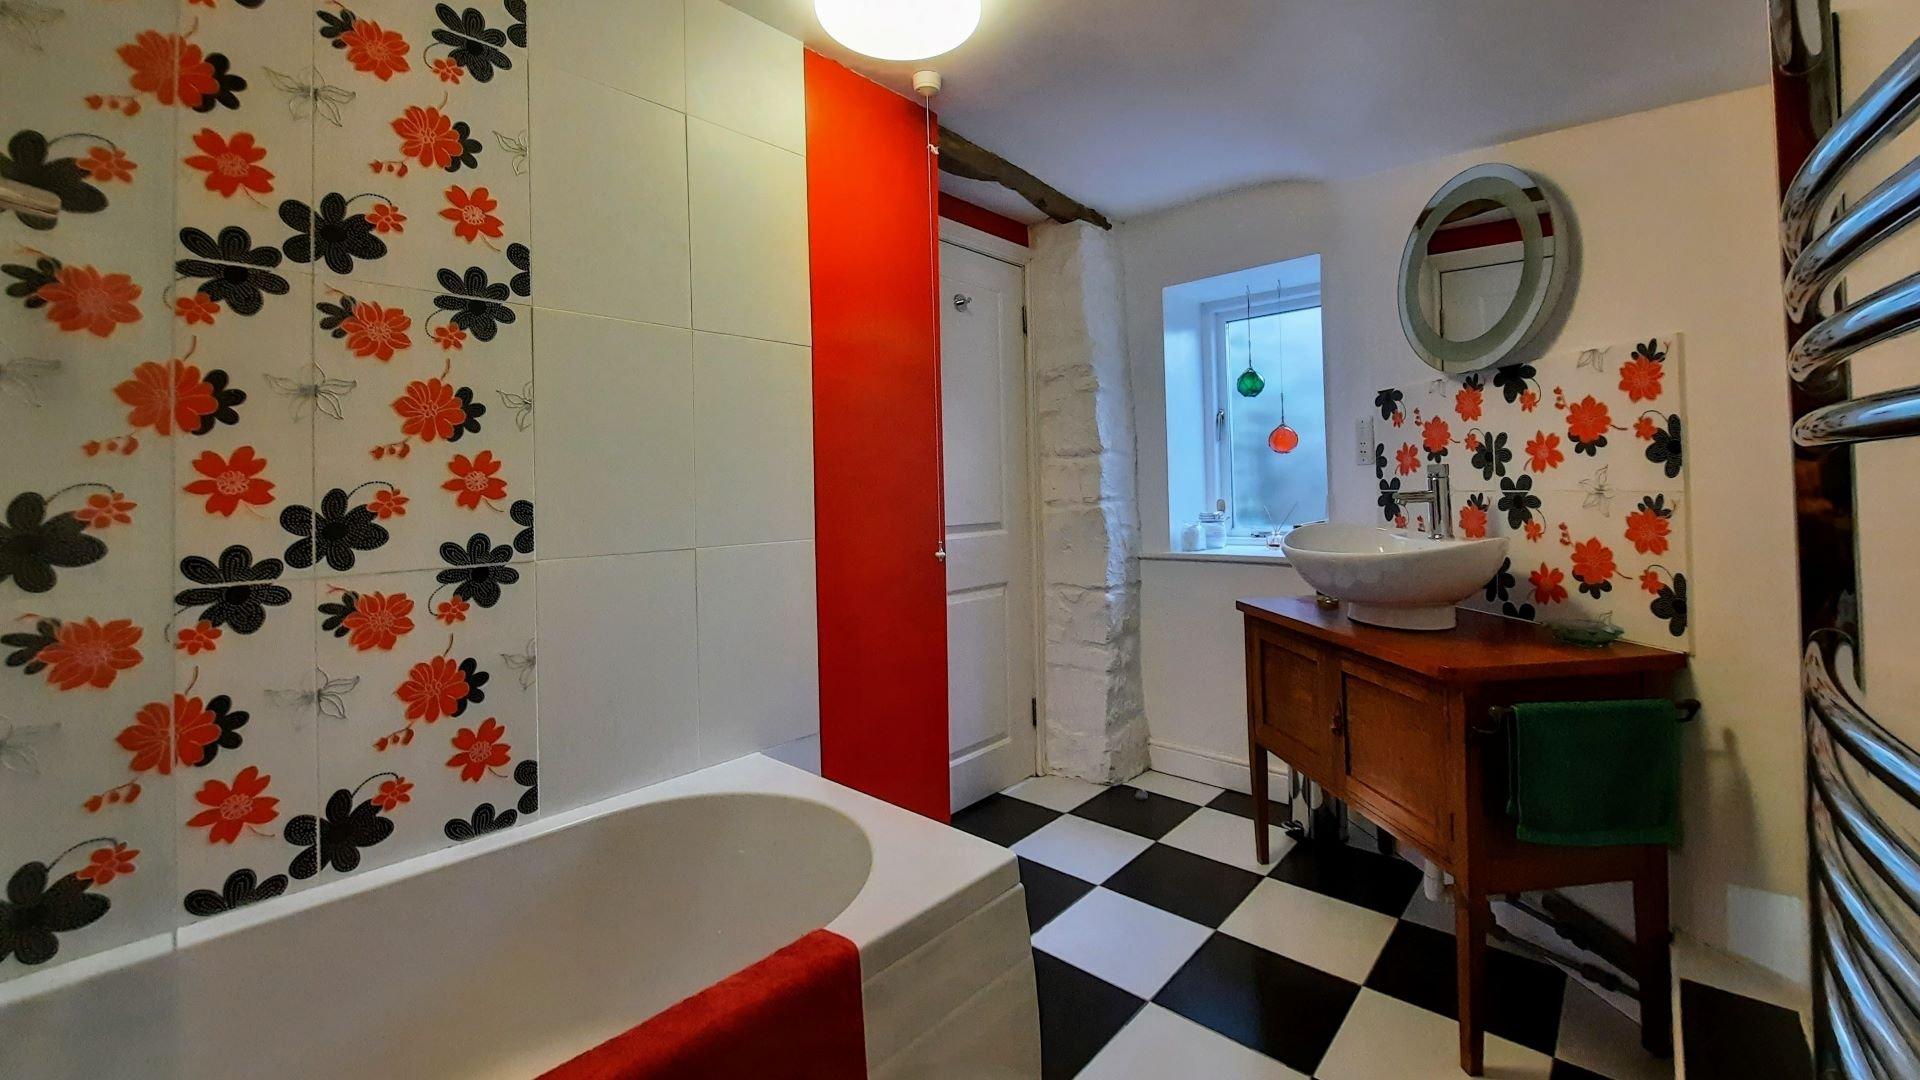 Cwt Mochyn bathroom